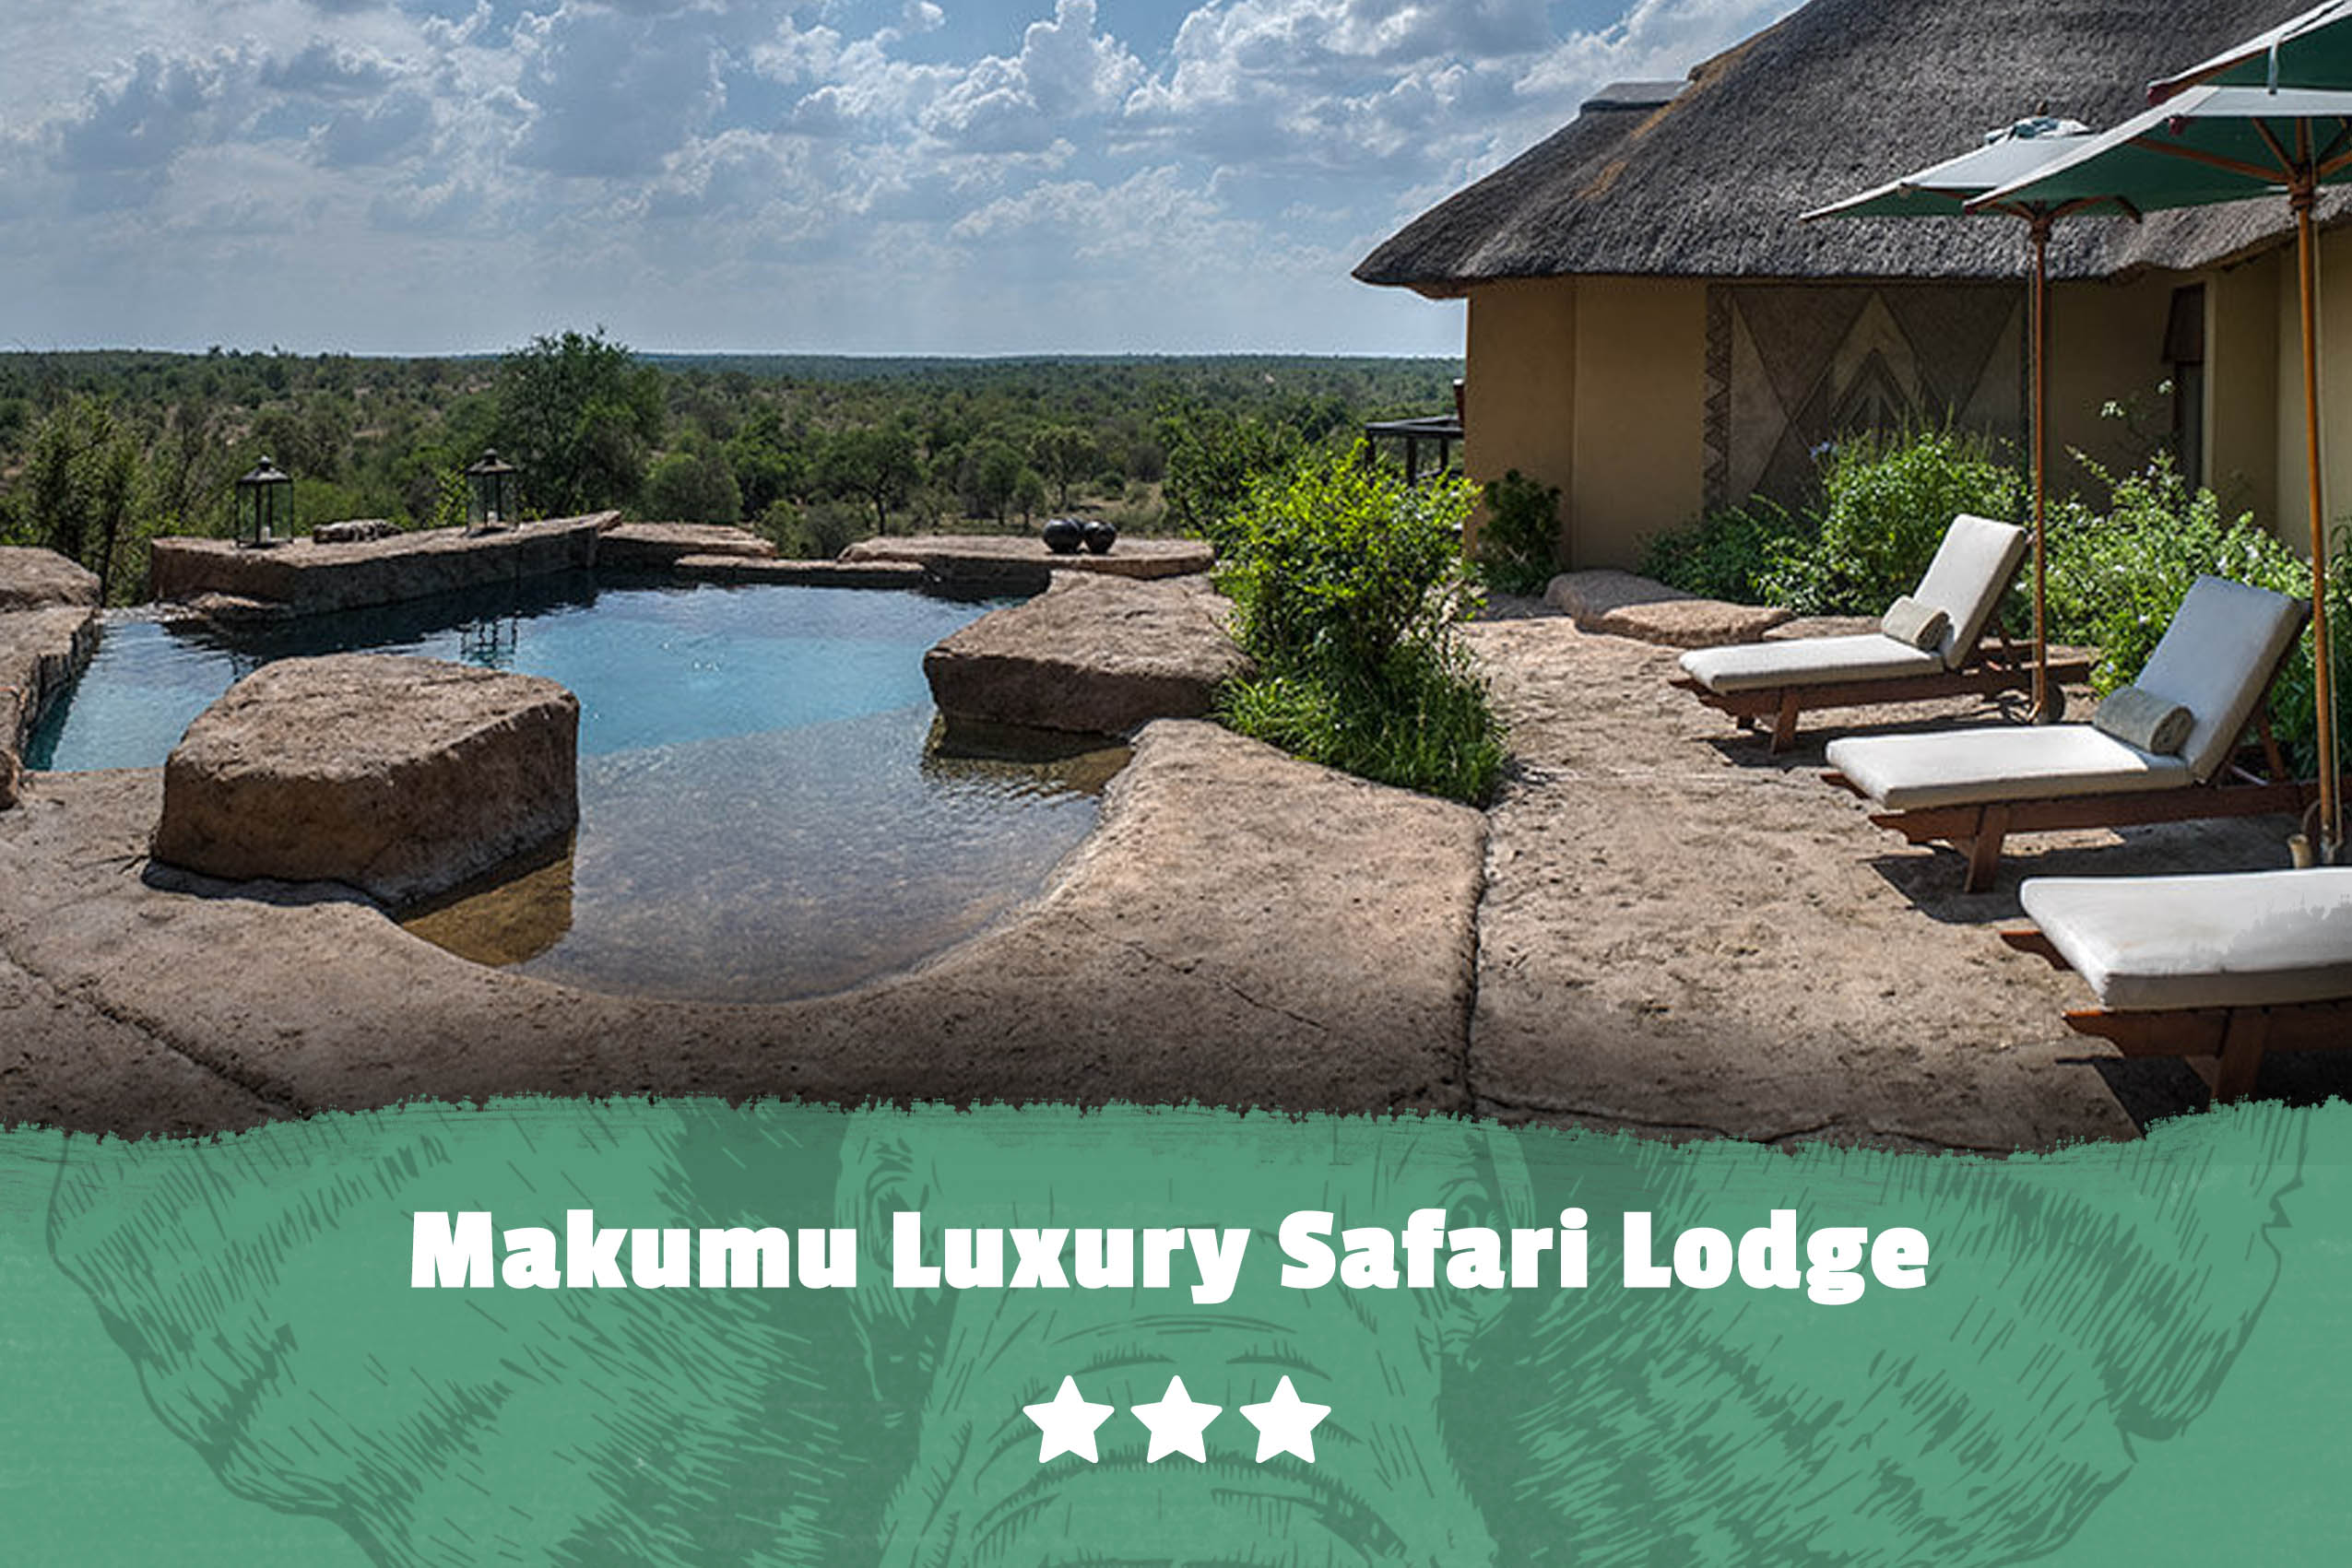 Kruger featured image Makumu Luxury Safari Lodge